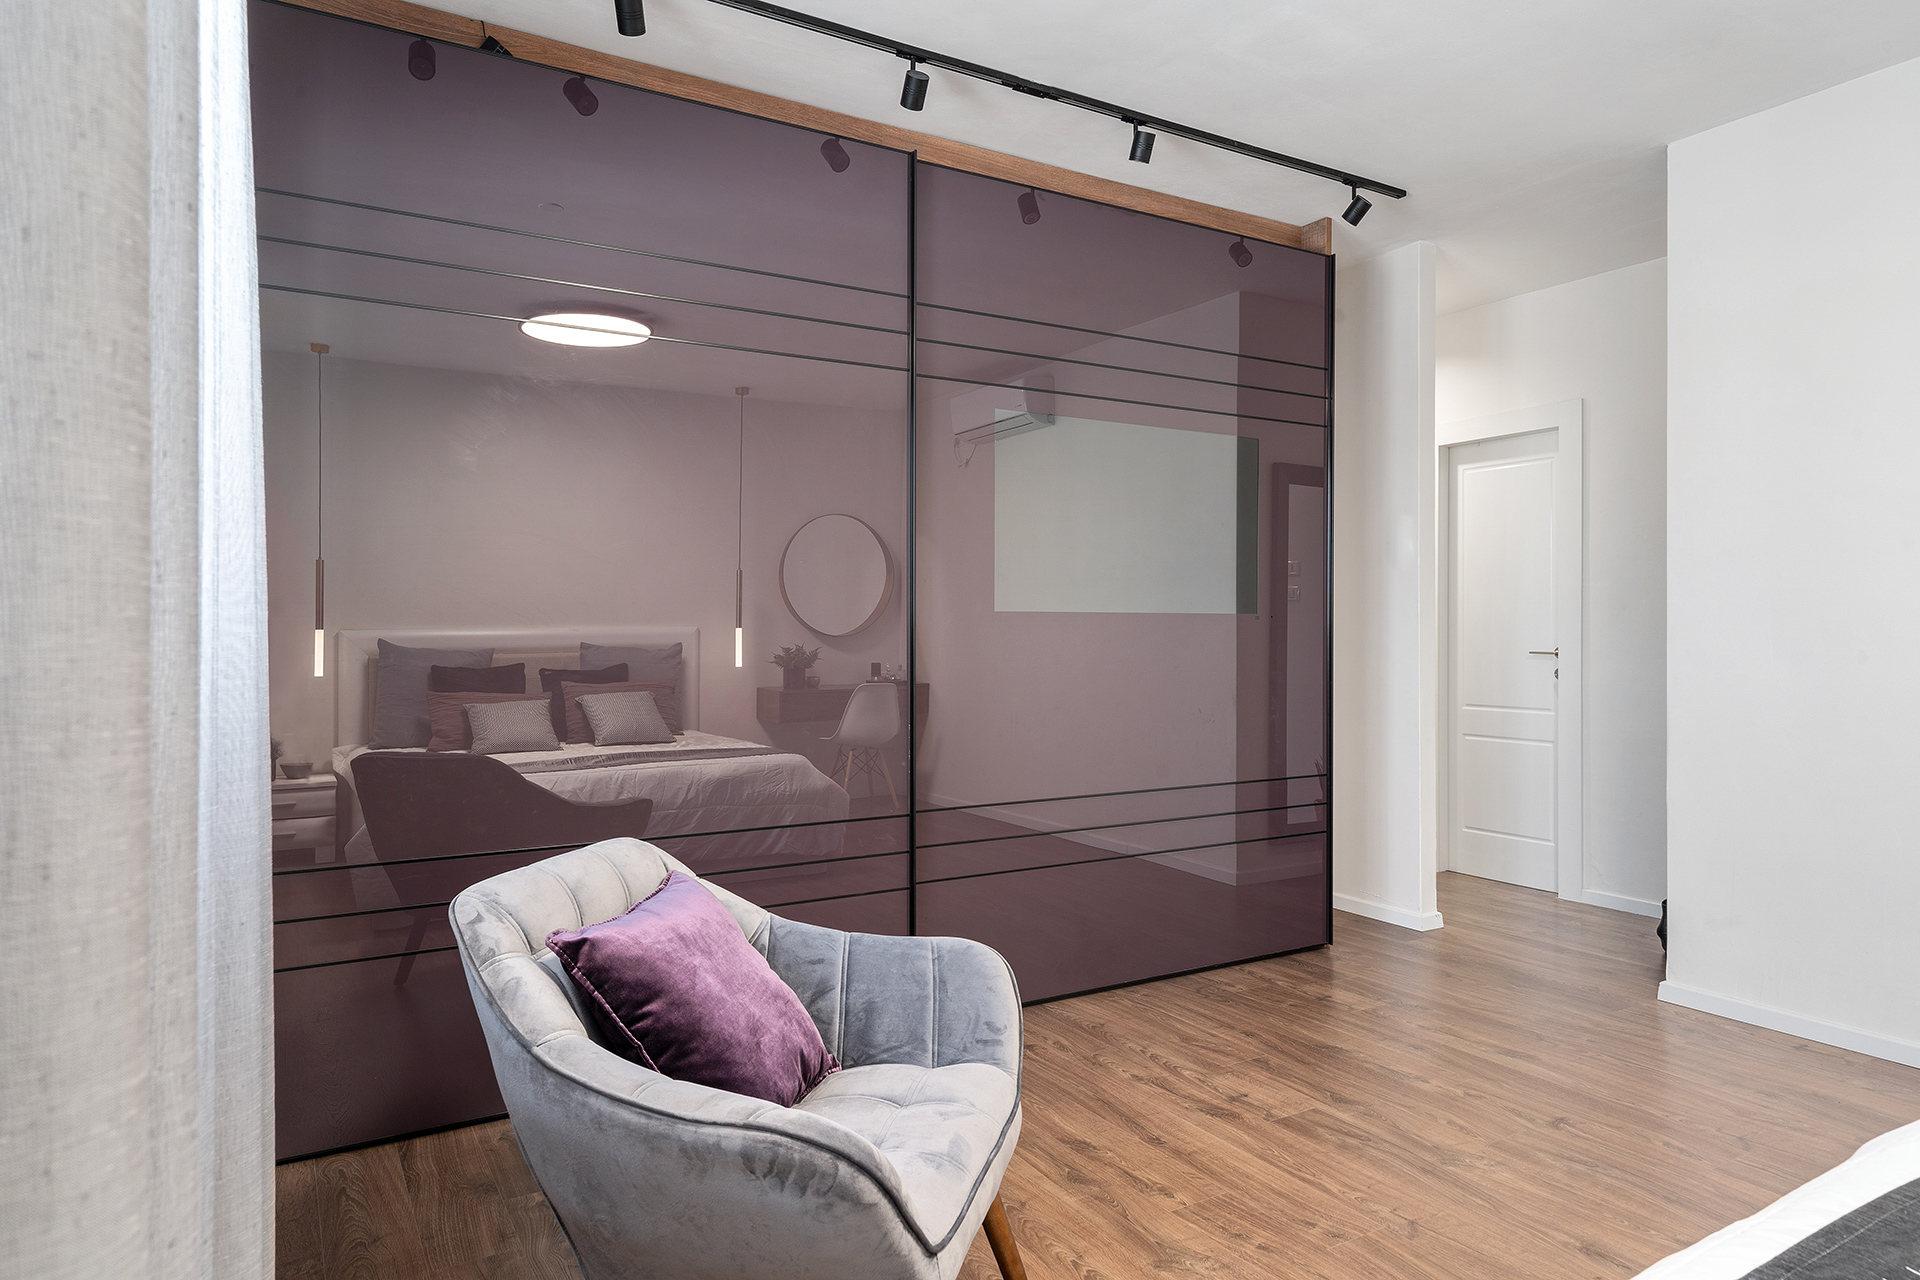 ריצוף דמוי פרקט לחדר שינה